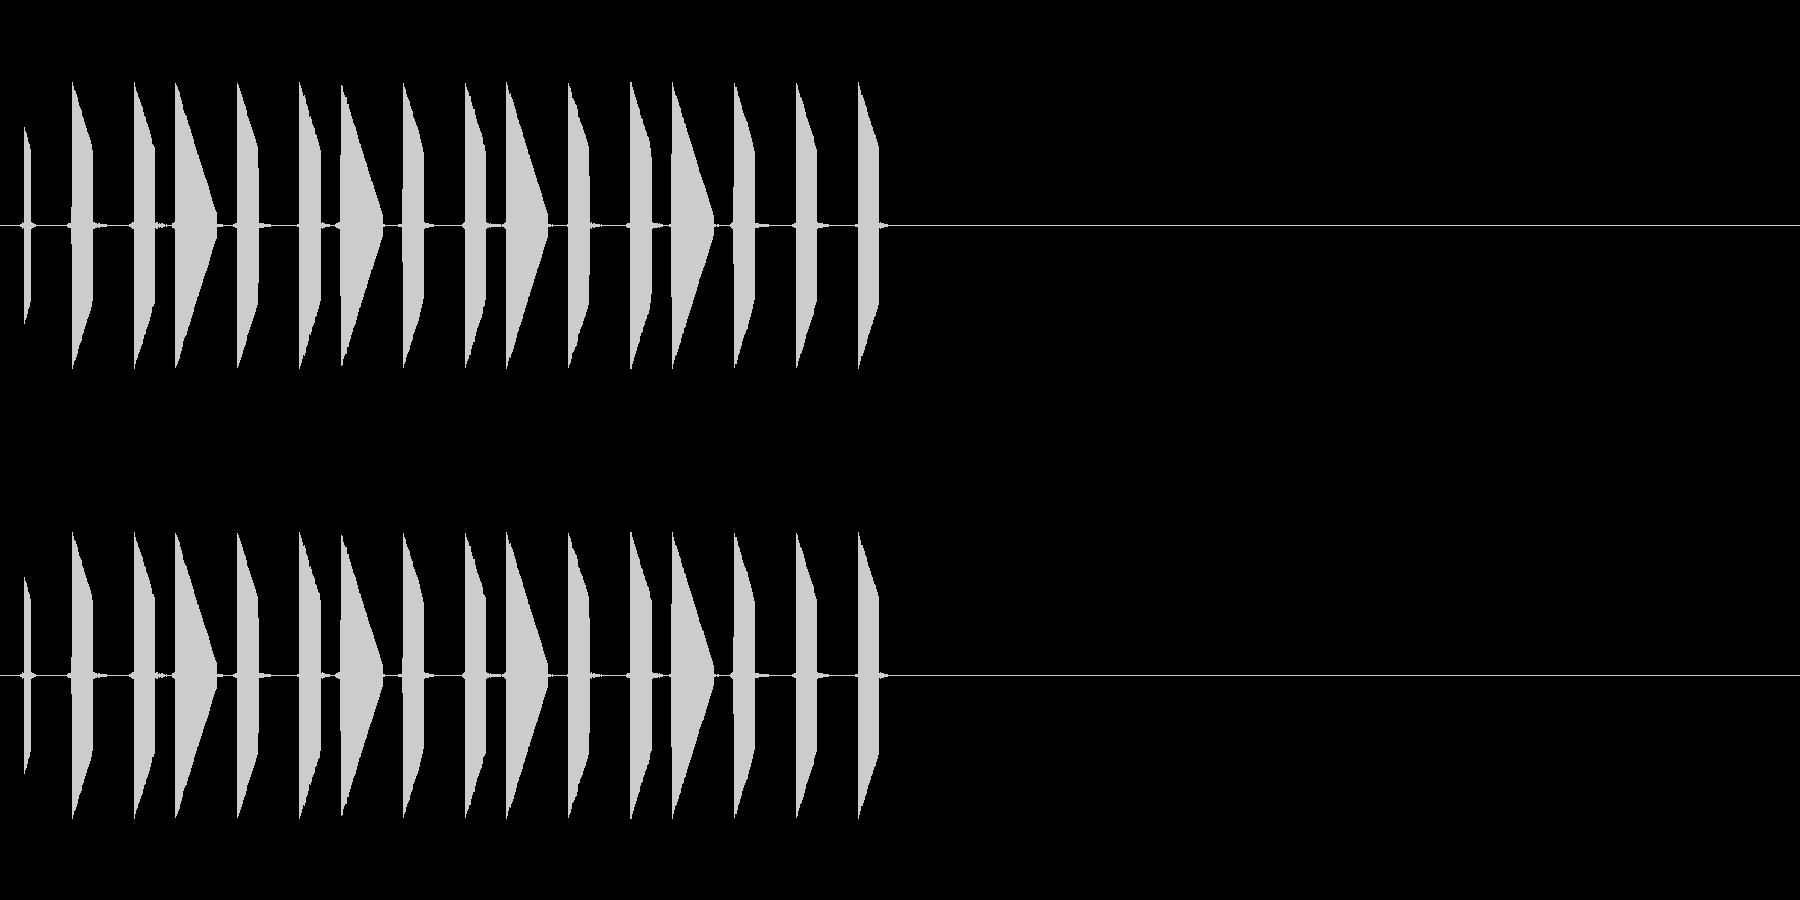 トゥルルルルル(会話、レトロゲーム、長)の未再生の波形